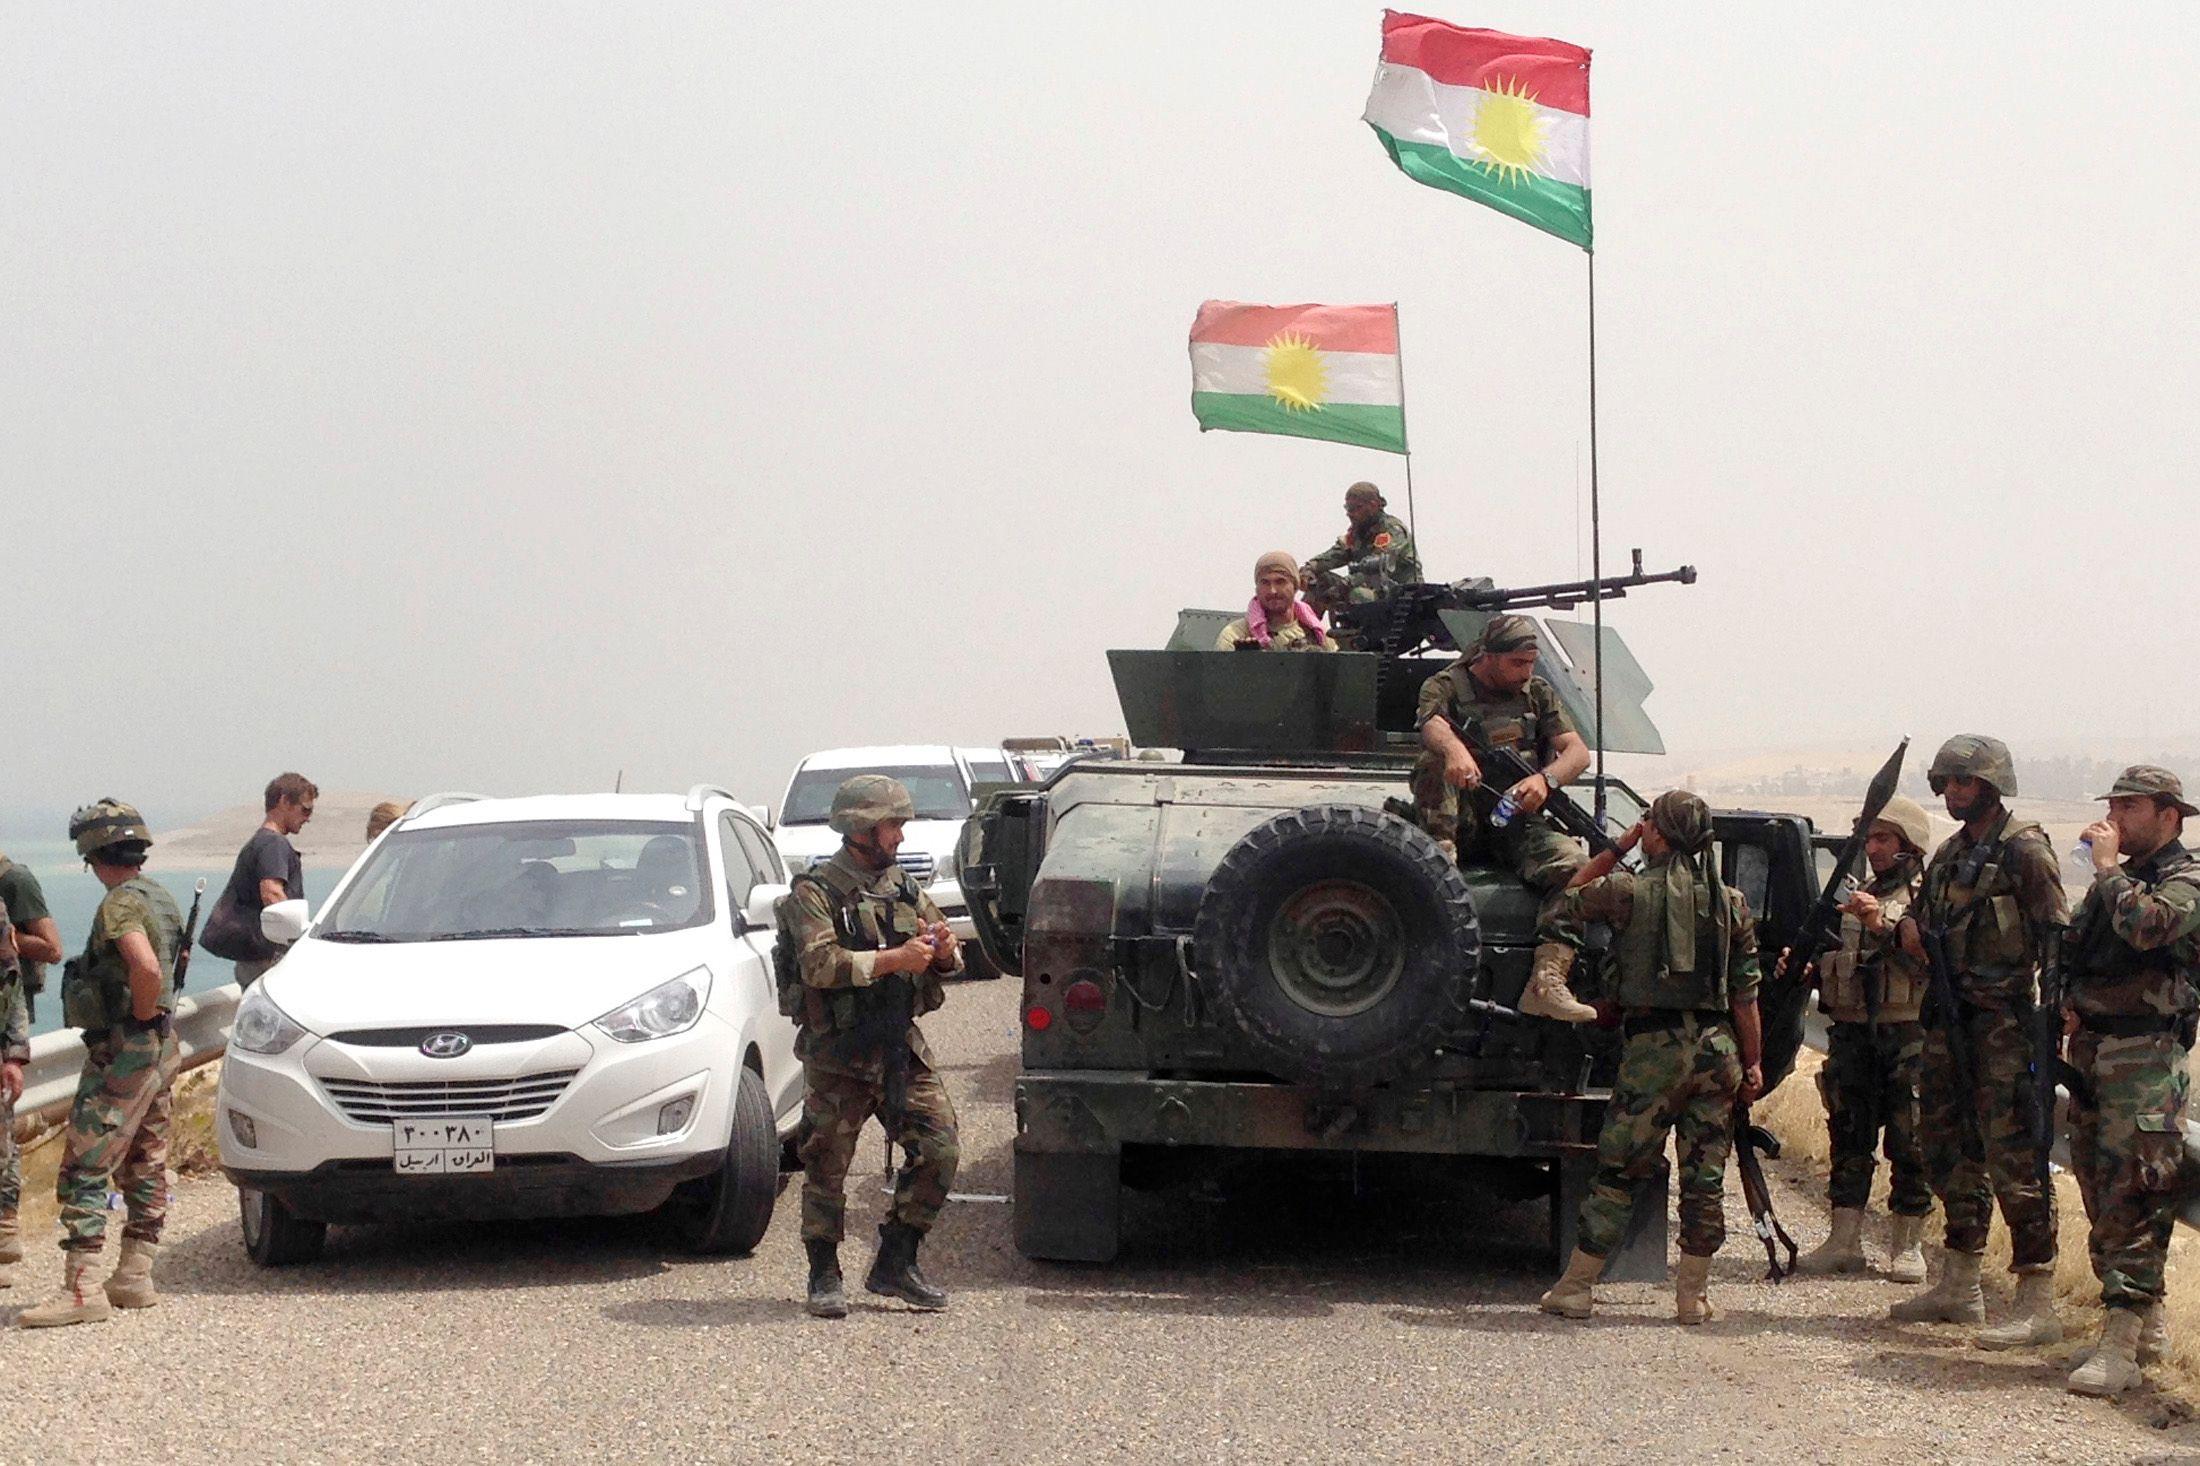 L'Allemagne arme directement les combattants kurdes (peshmergas) afin de lutter contre l'avancée de l'Etat islamique.